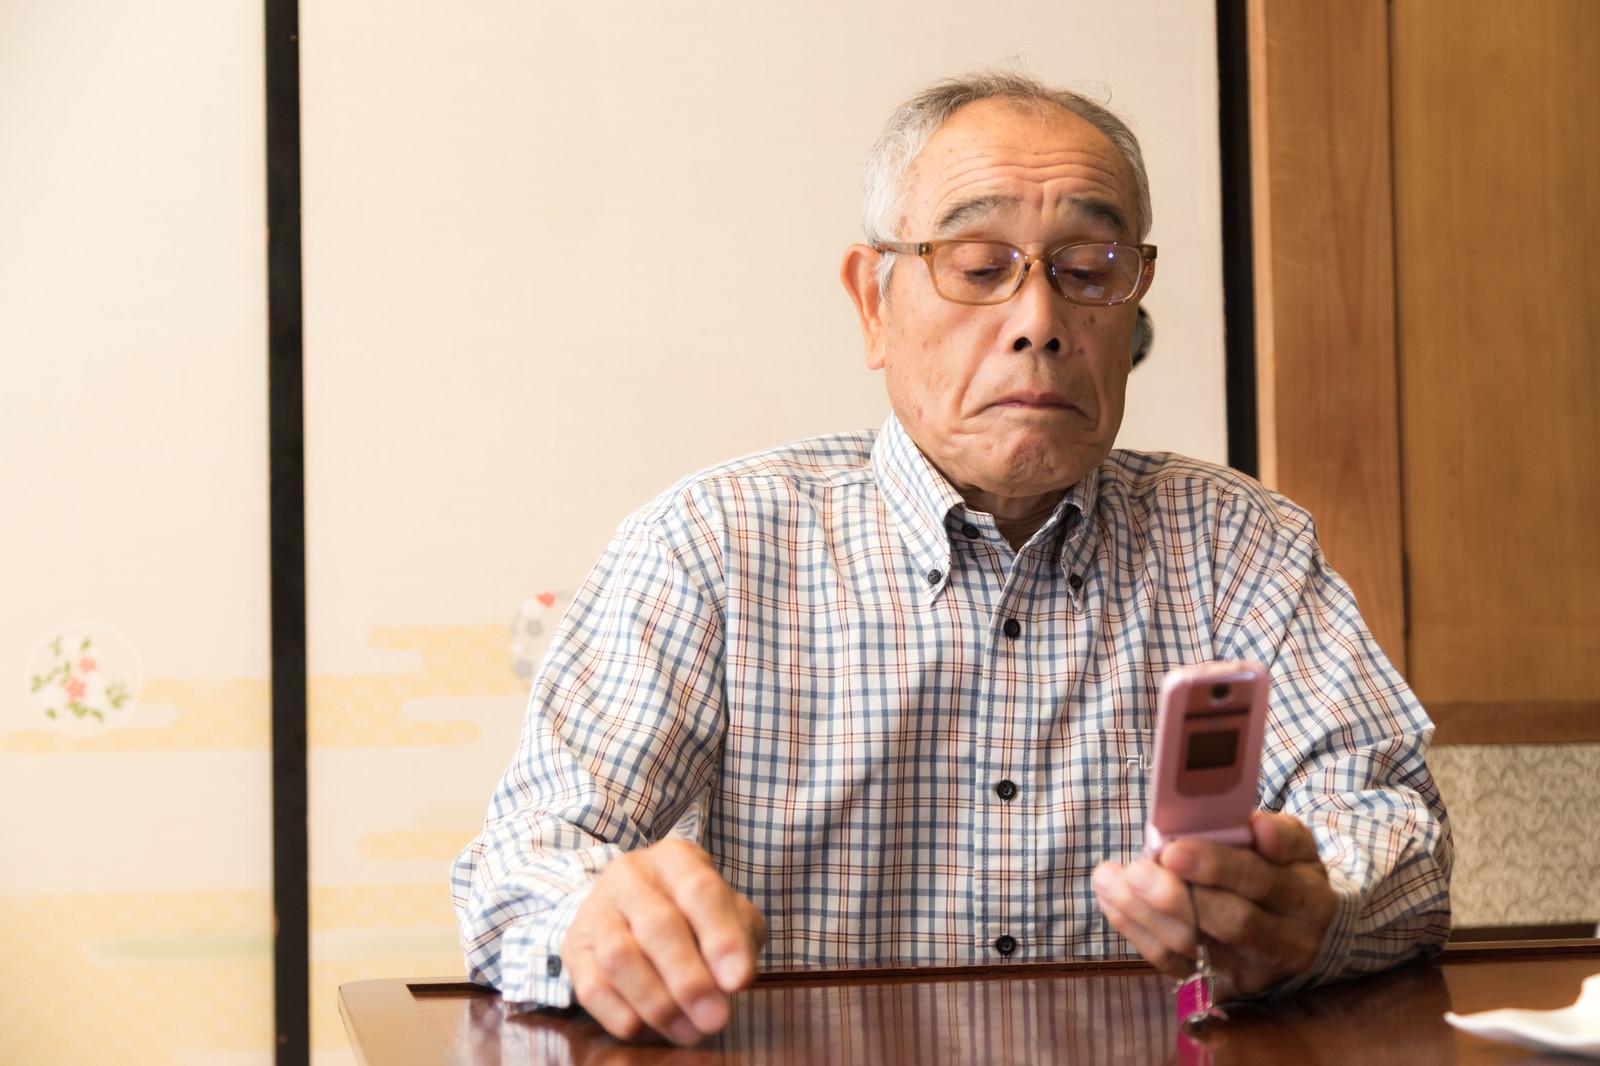 「ガラケーでメールを確認する田舎のじっちゃん」の写真[モデル:まーちゃん]